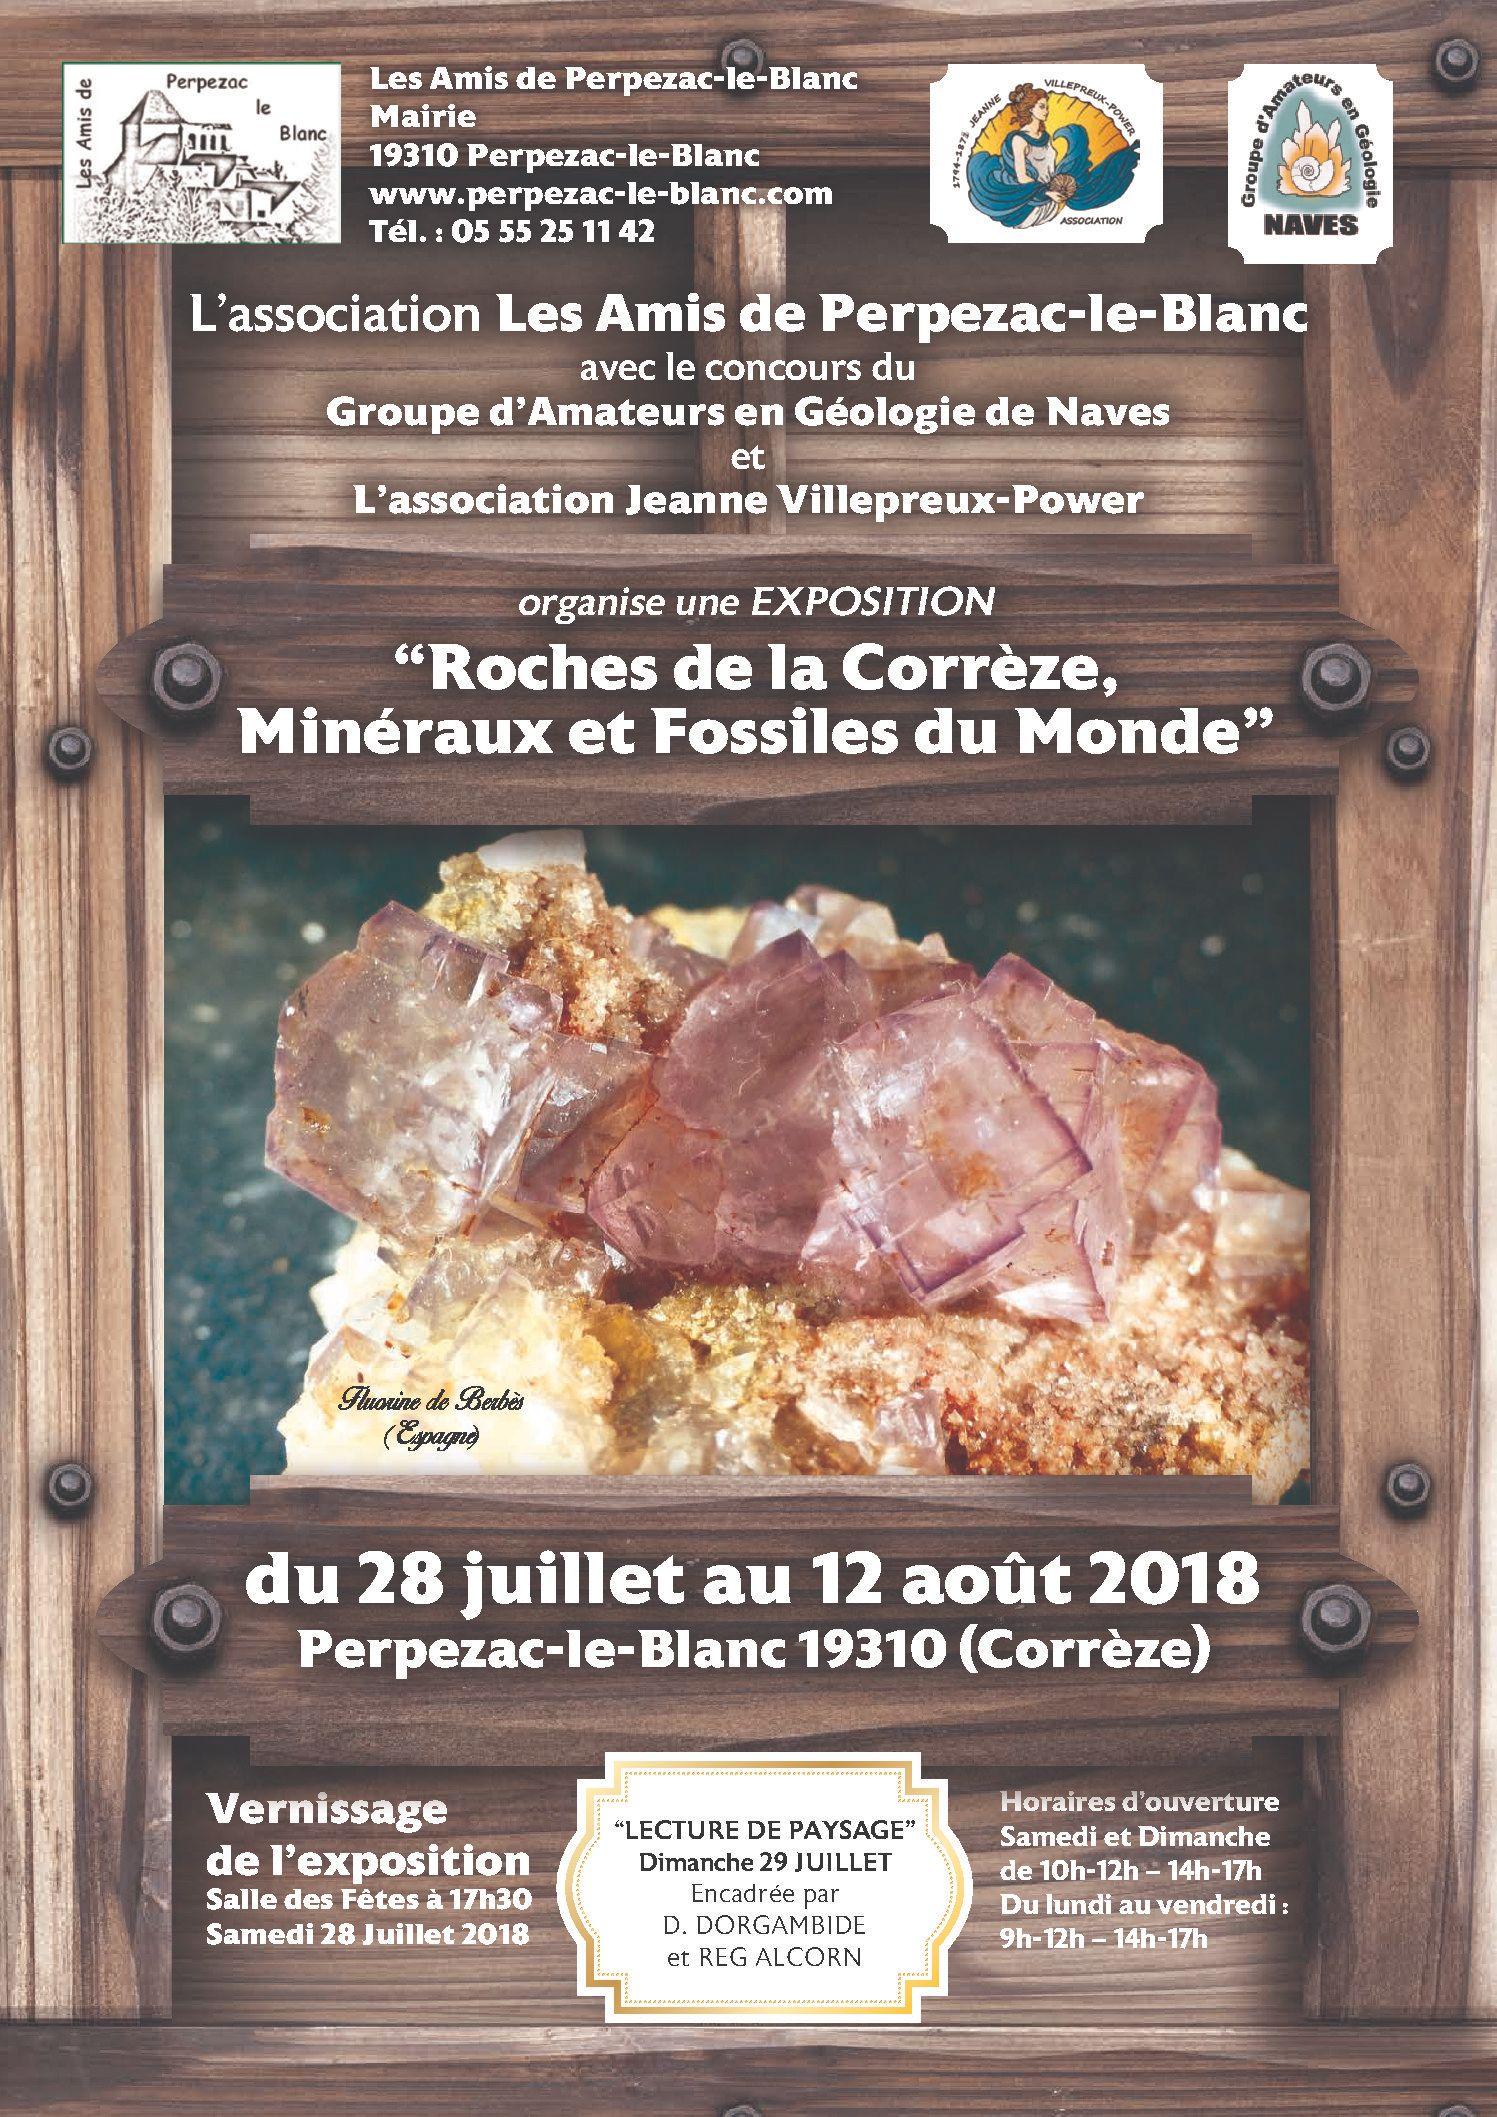 La géologie s'invite à Perpezac le blanc du 28 juillet au 12 août 2018